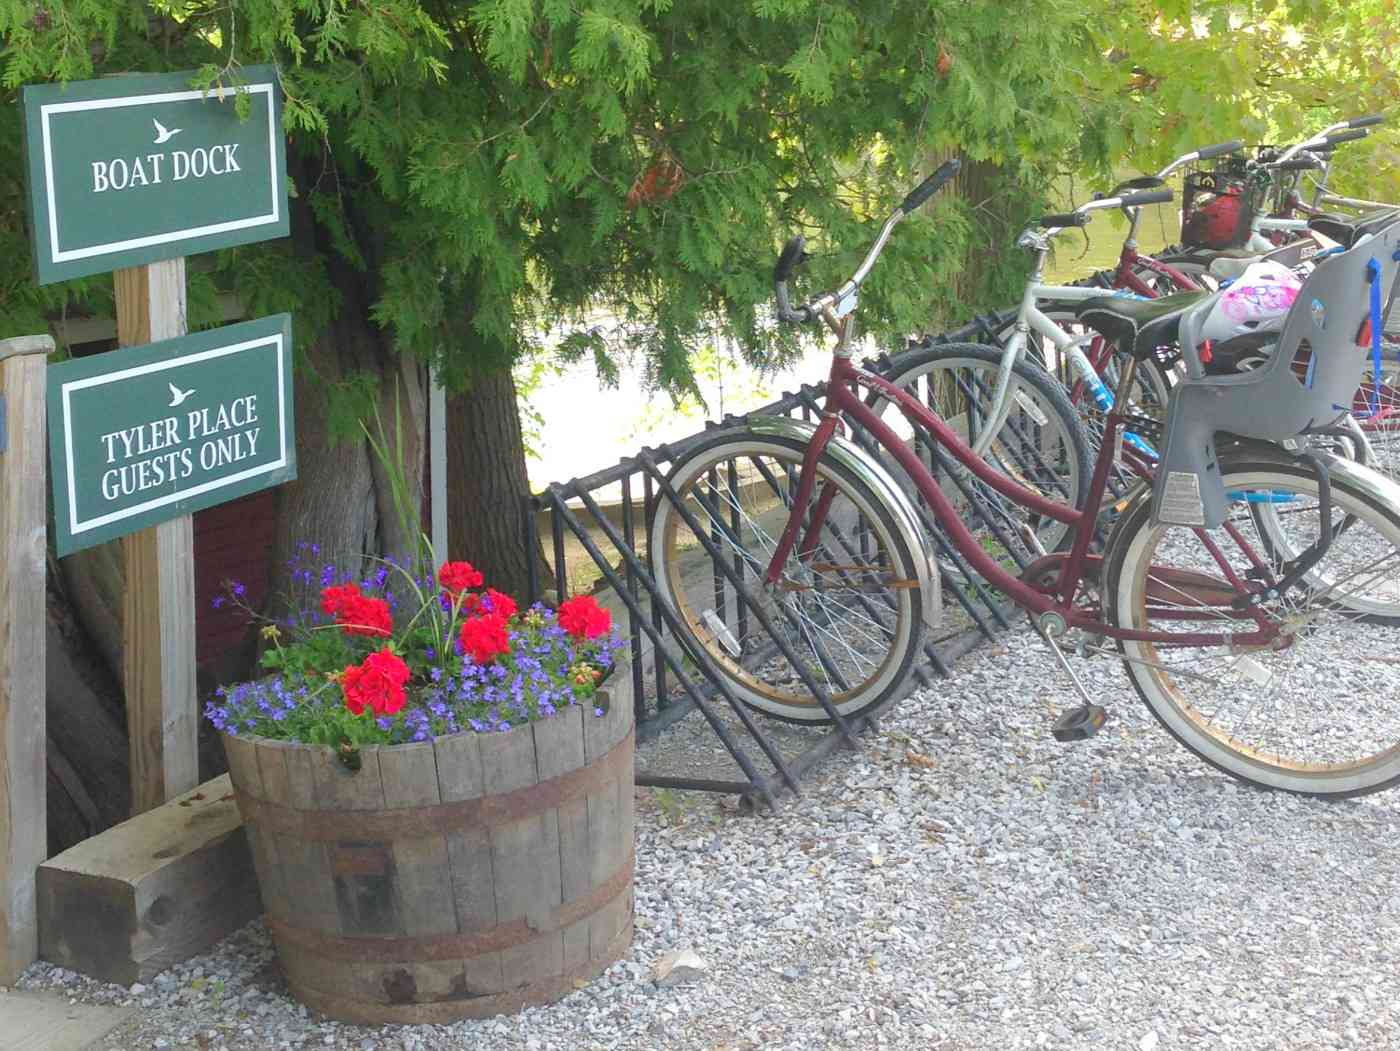 Bicicletas de Tyler Place incluidas en la tarifa